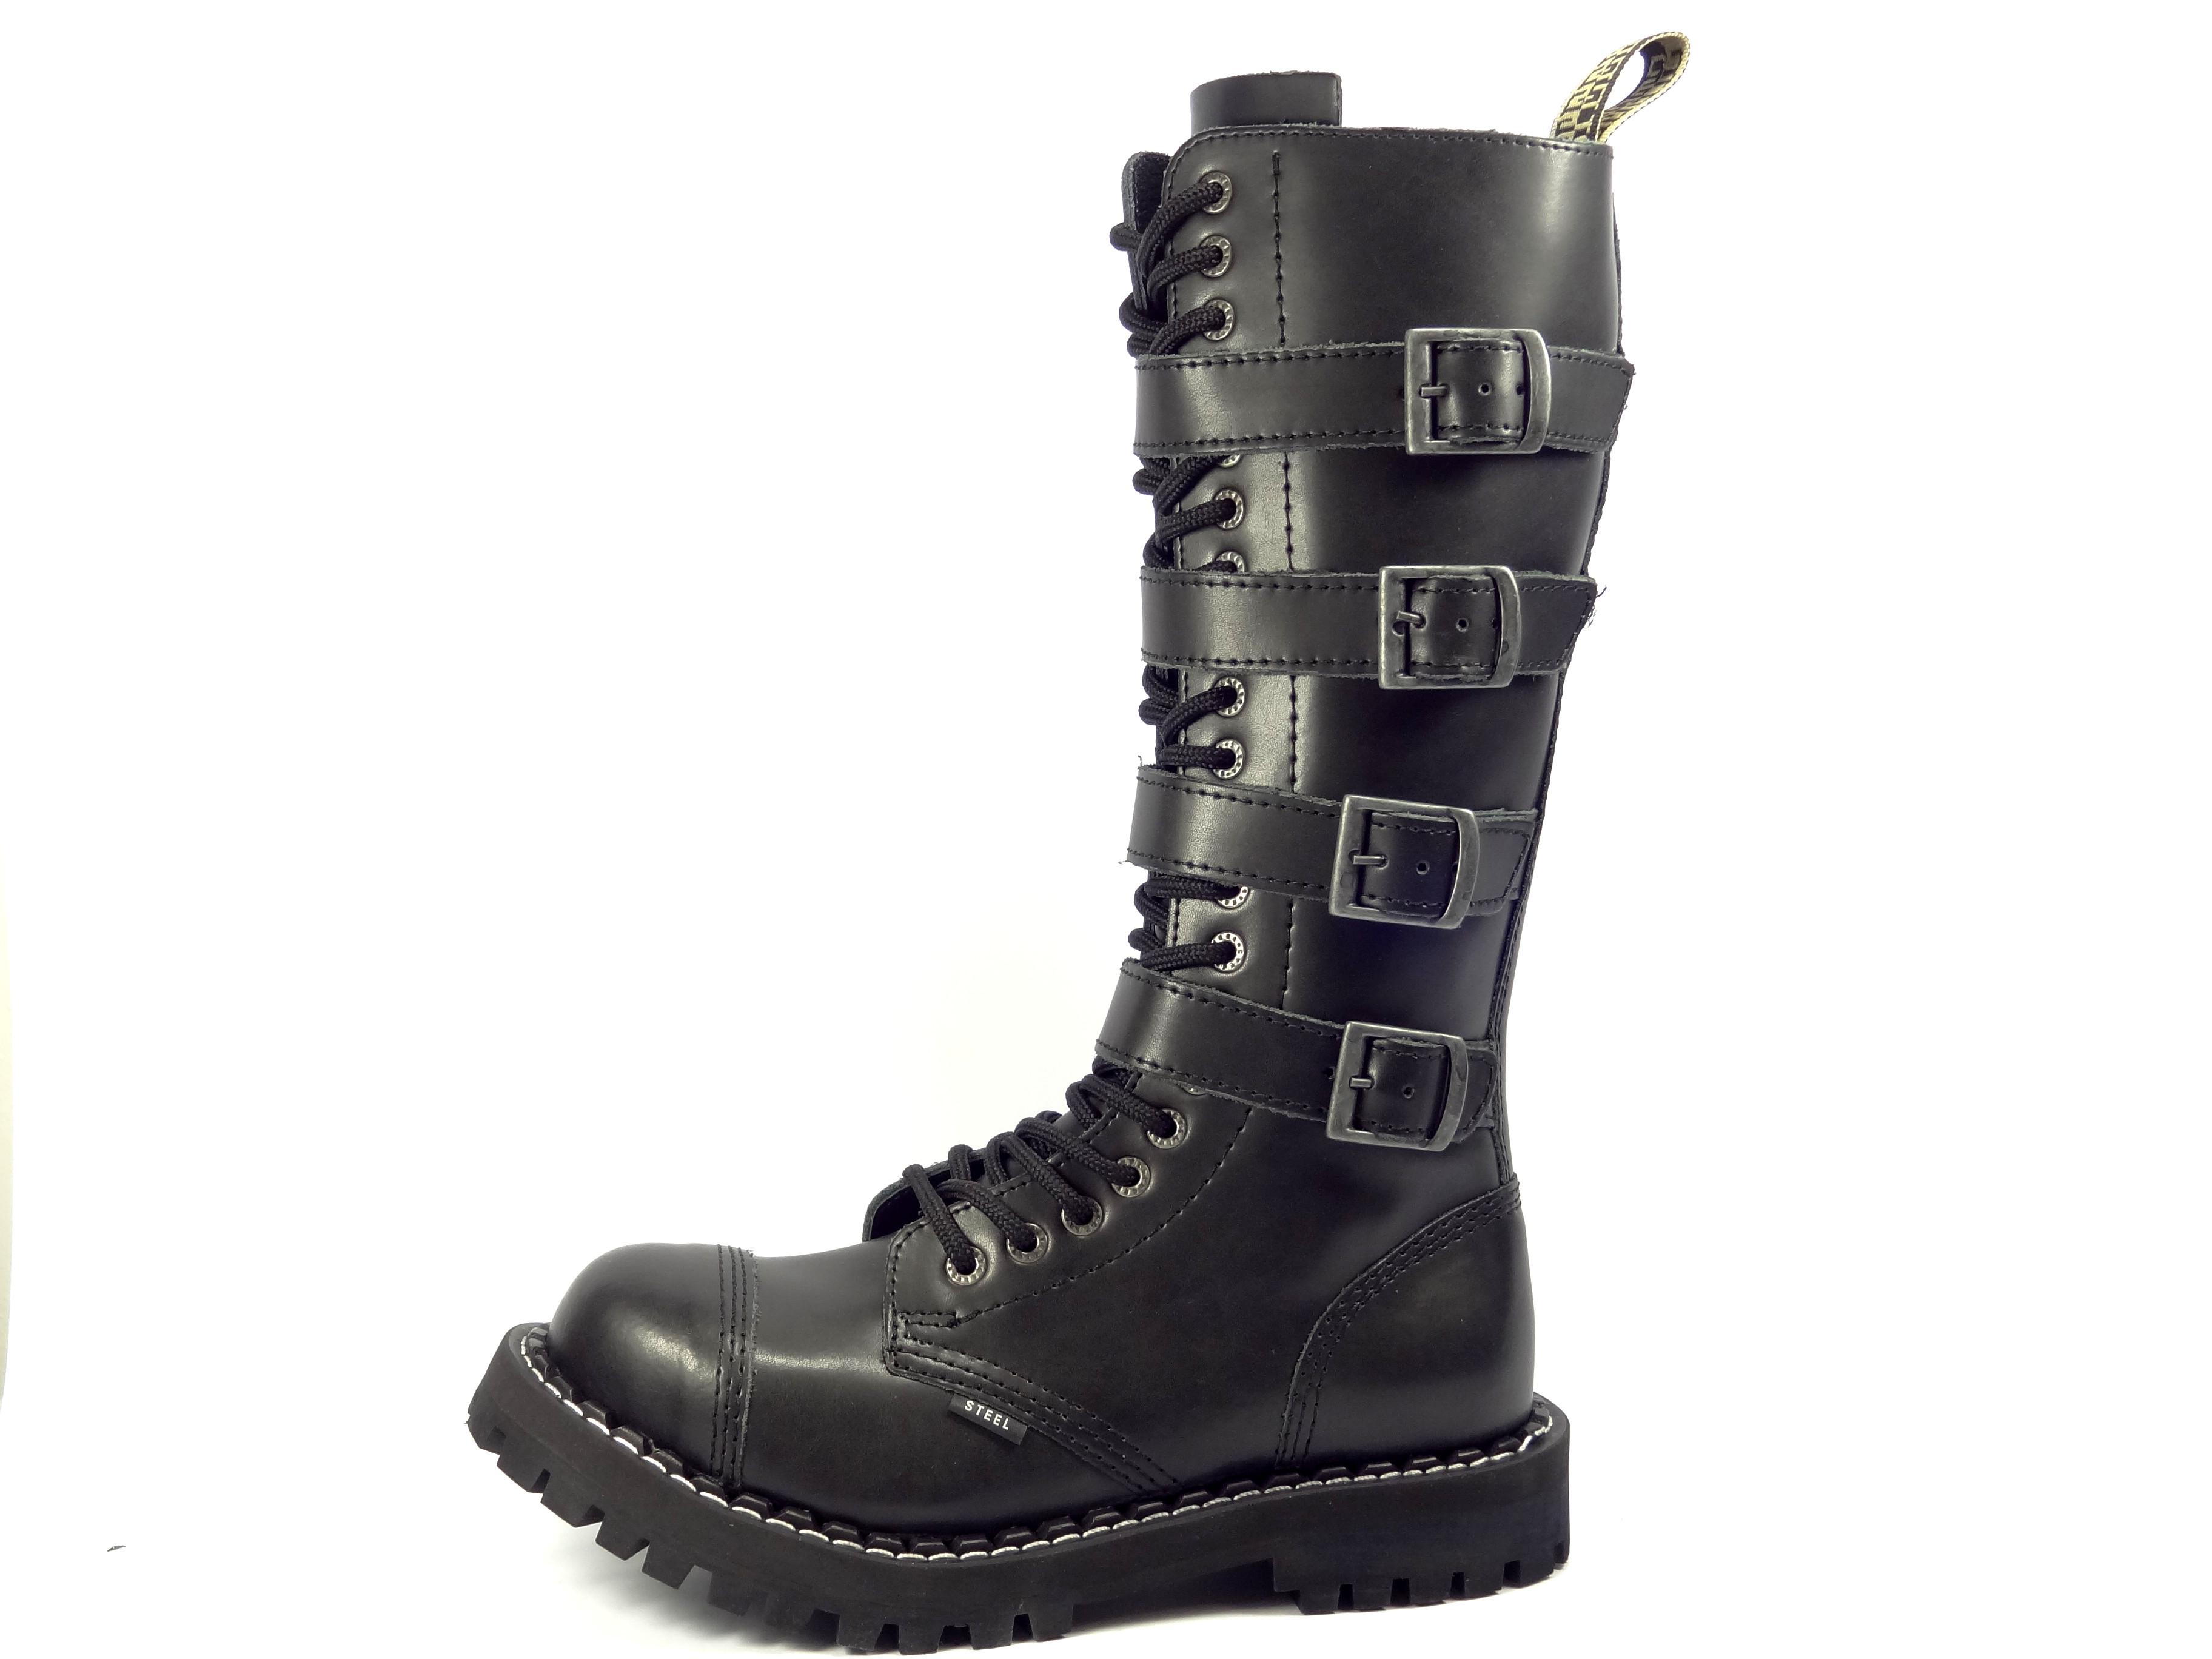 Steel boty 20 dírkové černé - šněrovací se zipem a přezkami - ZATEPLENÉ 07a7f7eea9